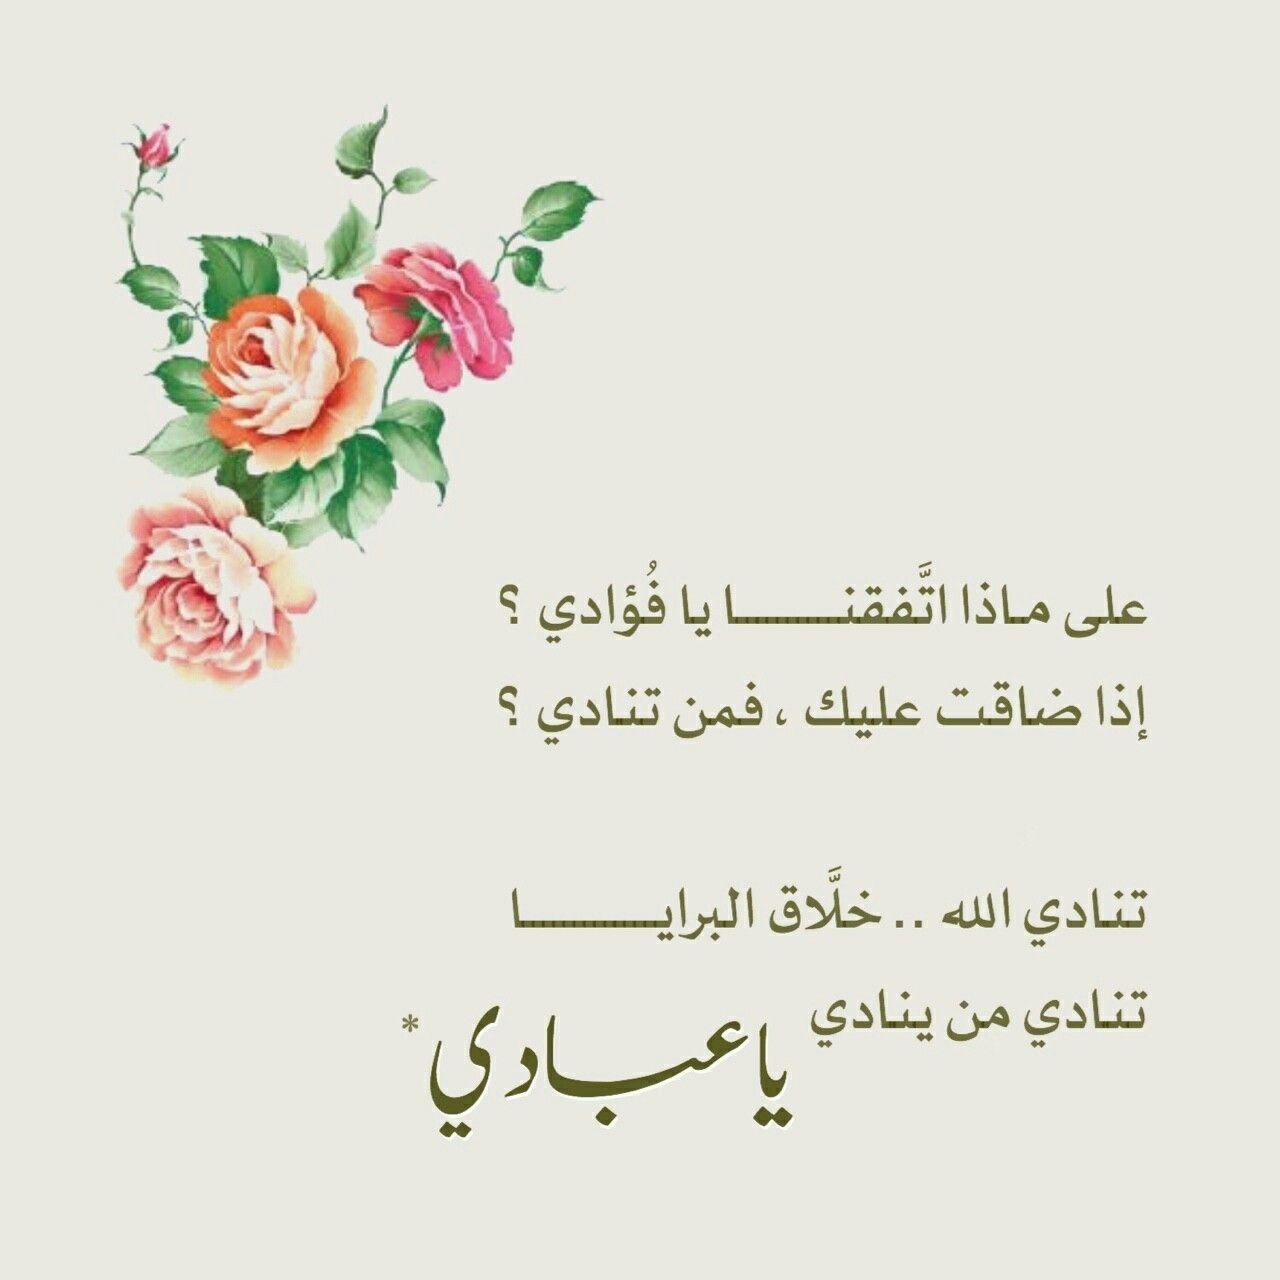 على ماذا اتفقنا يا فؤادي إذا ضاقت عليك فمن تنادي تنادي الله خالق البرايا تنادي من Islamic Inspirational Quotes Quotes For Book Lovers Islamic Phrases